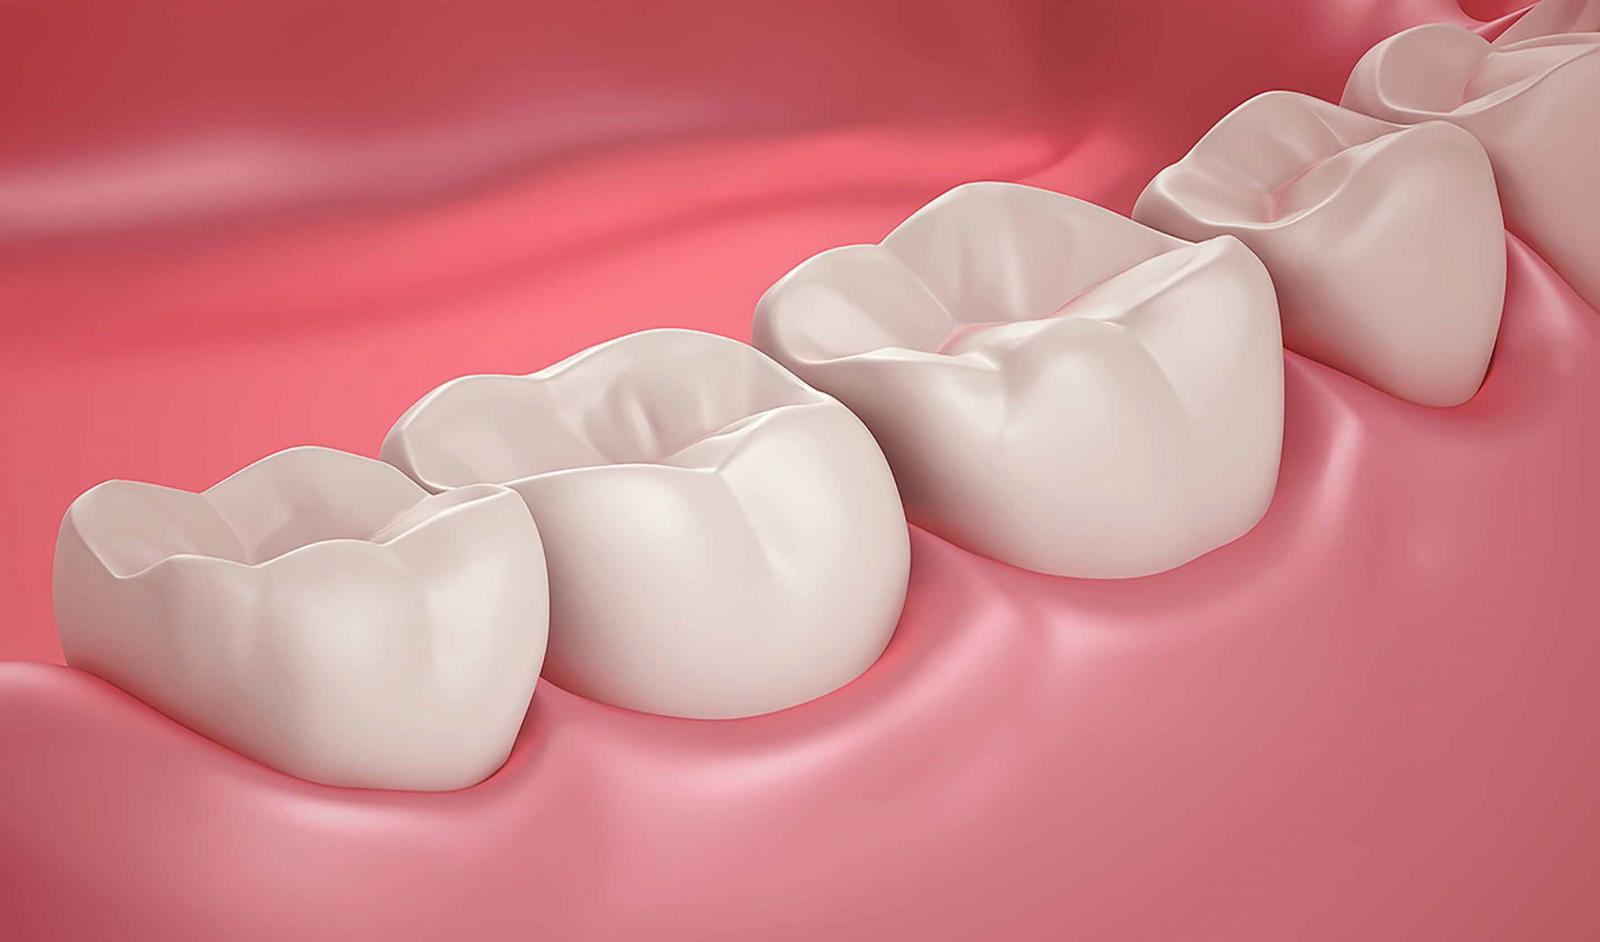 Bị mất răng hàm có sao không? Nguyên nhân và cách khắc phục hiệu quả   Dr.  Care